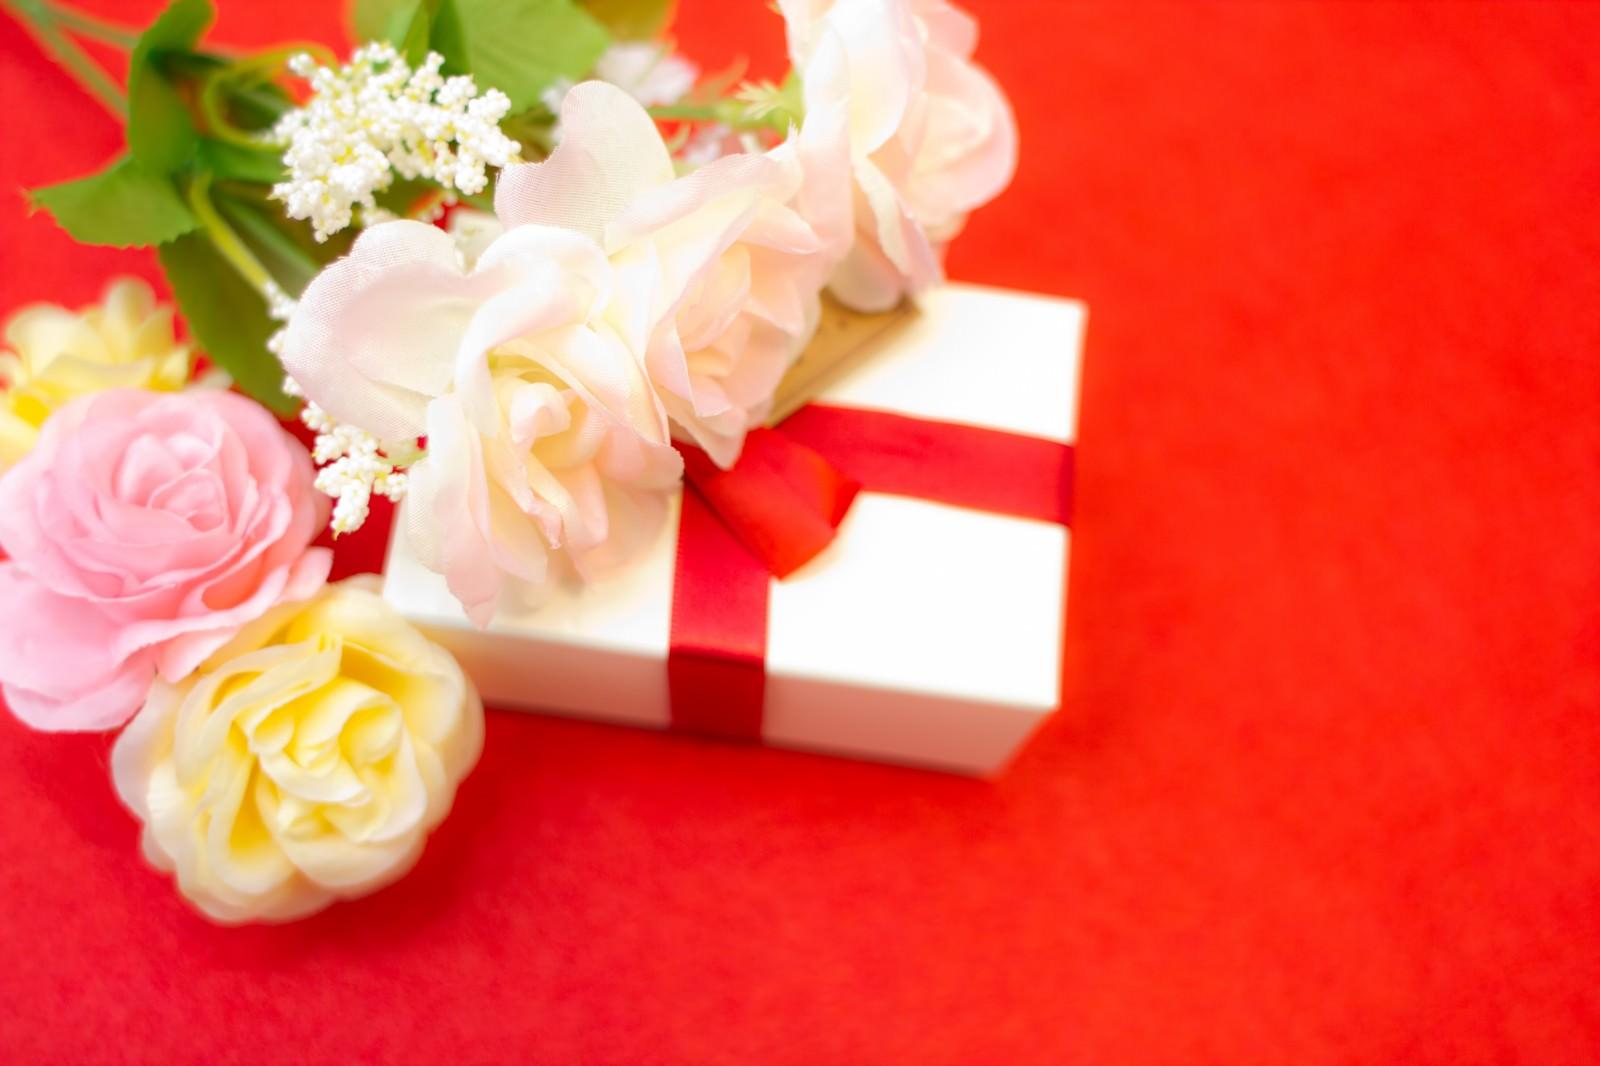 「プレゼントボックスとお祝い」の写真